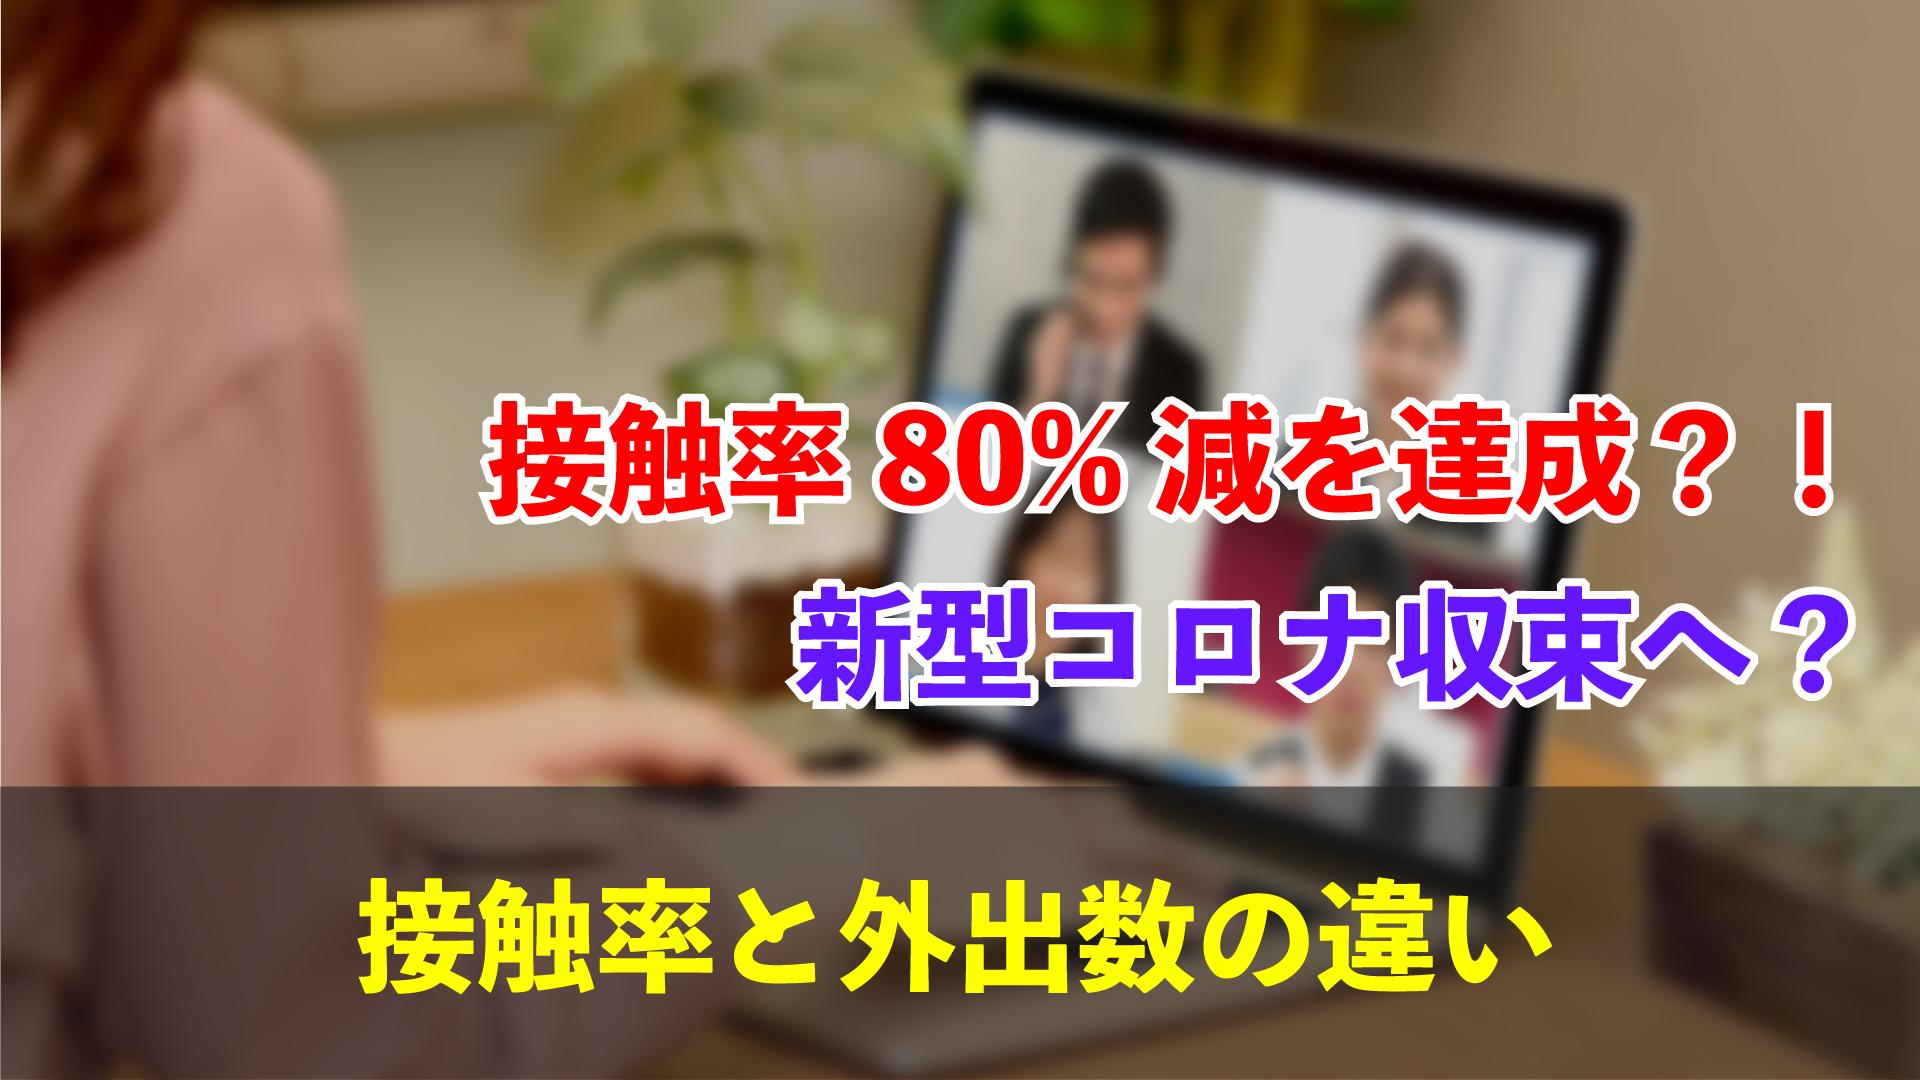 新型コロナ収束|日本は接触率80%減を達成していた?!【接触率と外出数の違い】_thumbanail